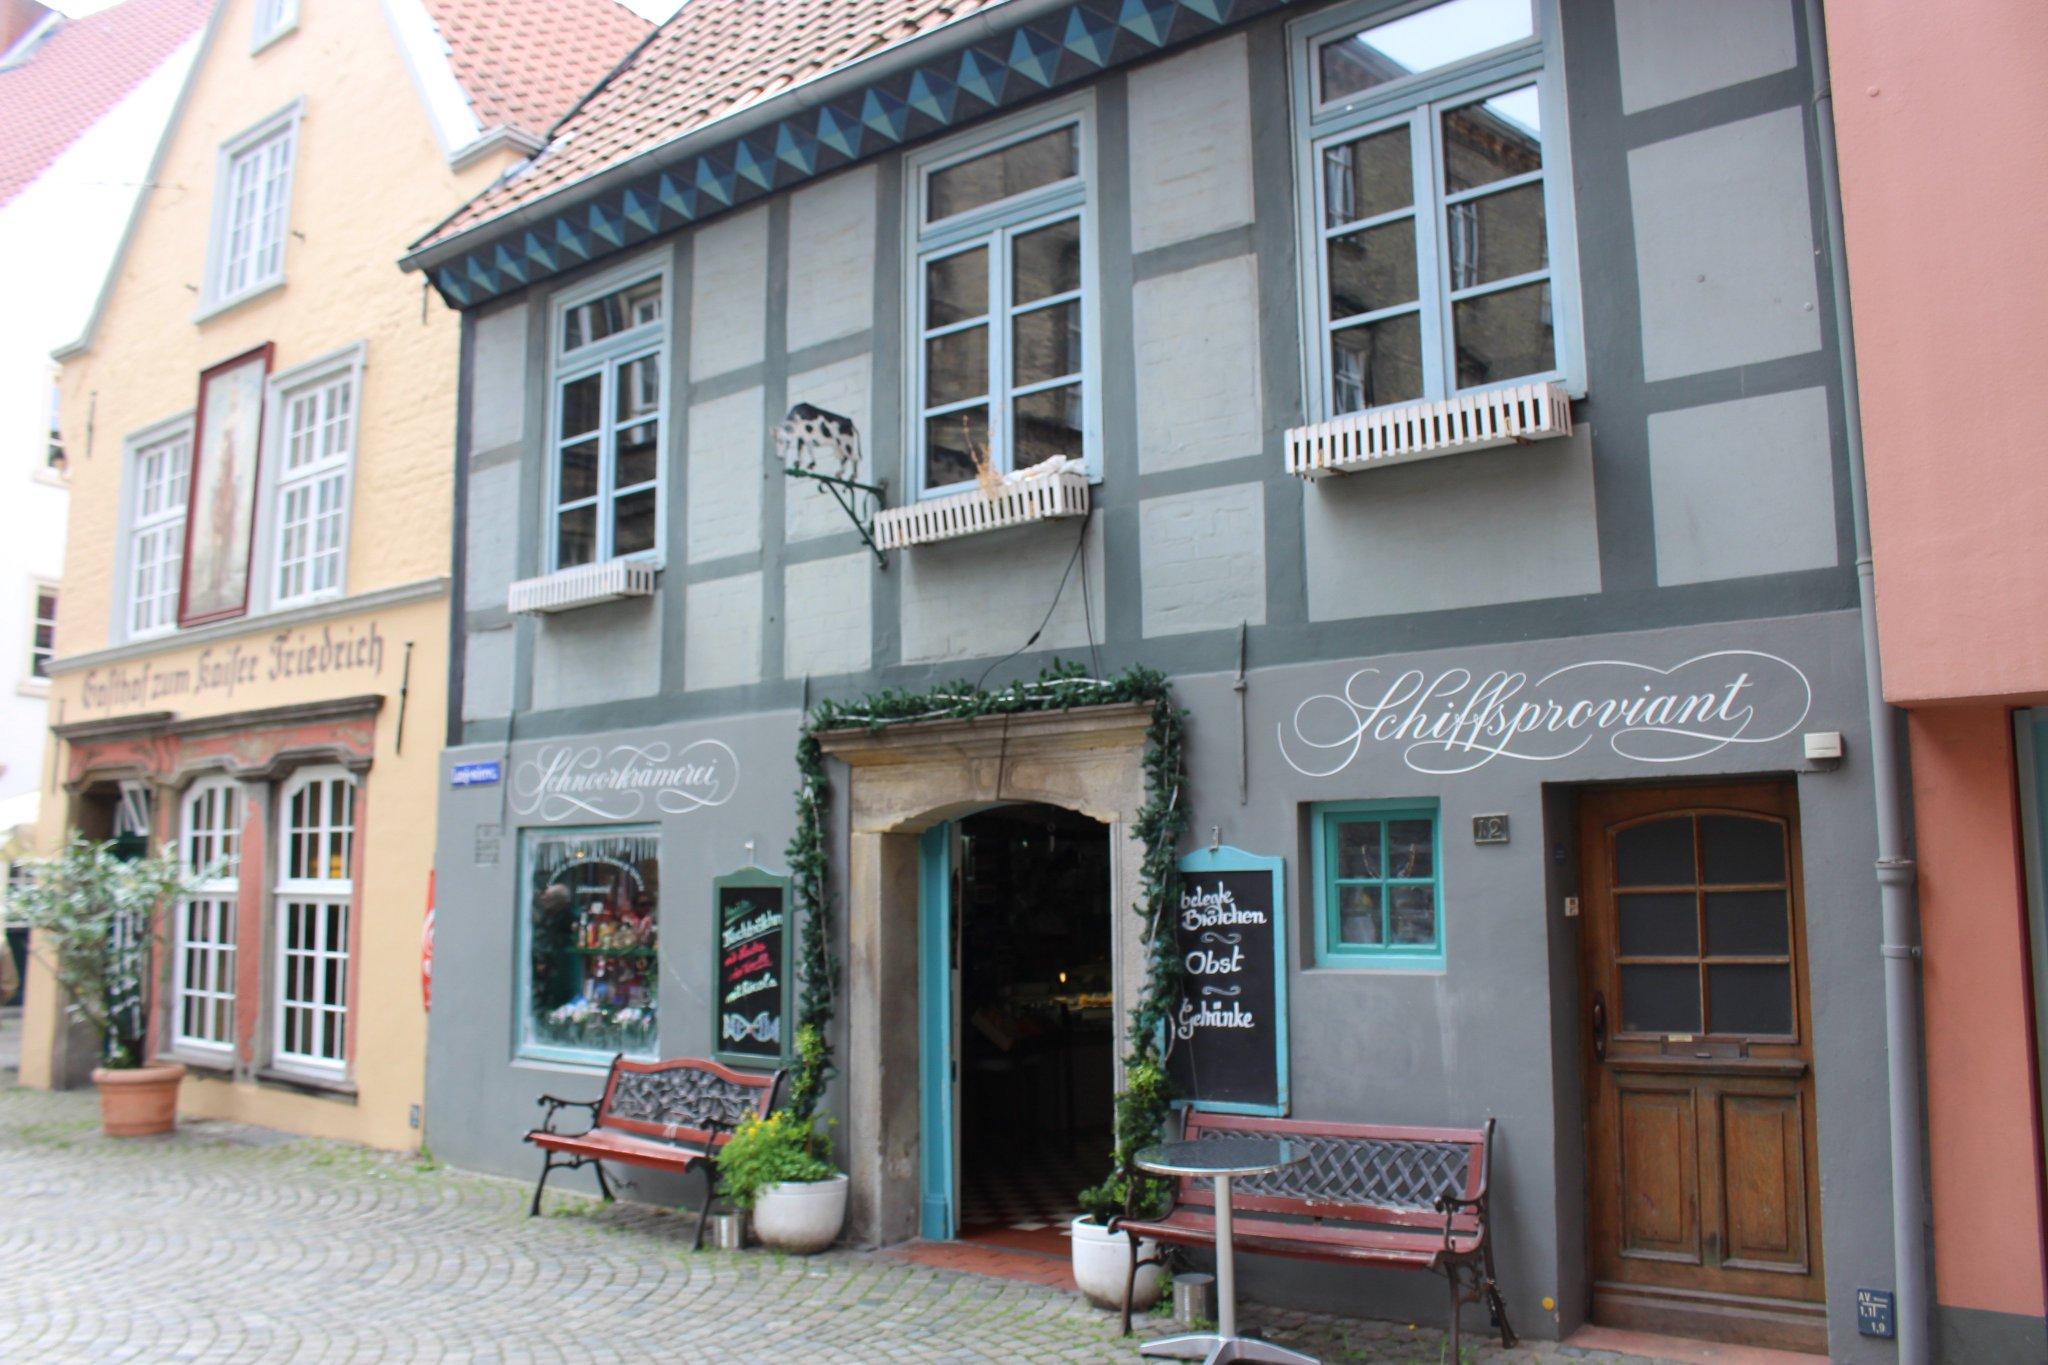 *NEU* Bremen: Wie mich die Hansestadt begeistert hat https://t.co/CuYz0IlXMY @BremenErleben #RBCamp17 https://t.co/DfGD0PMNyb